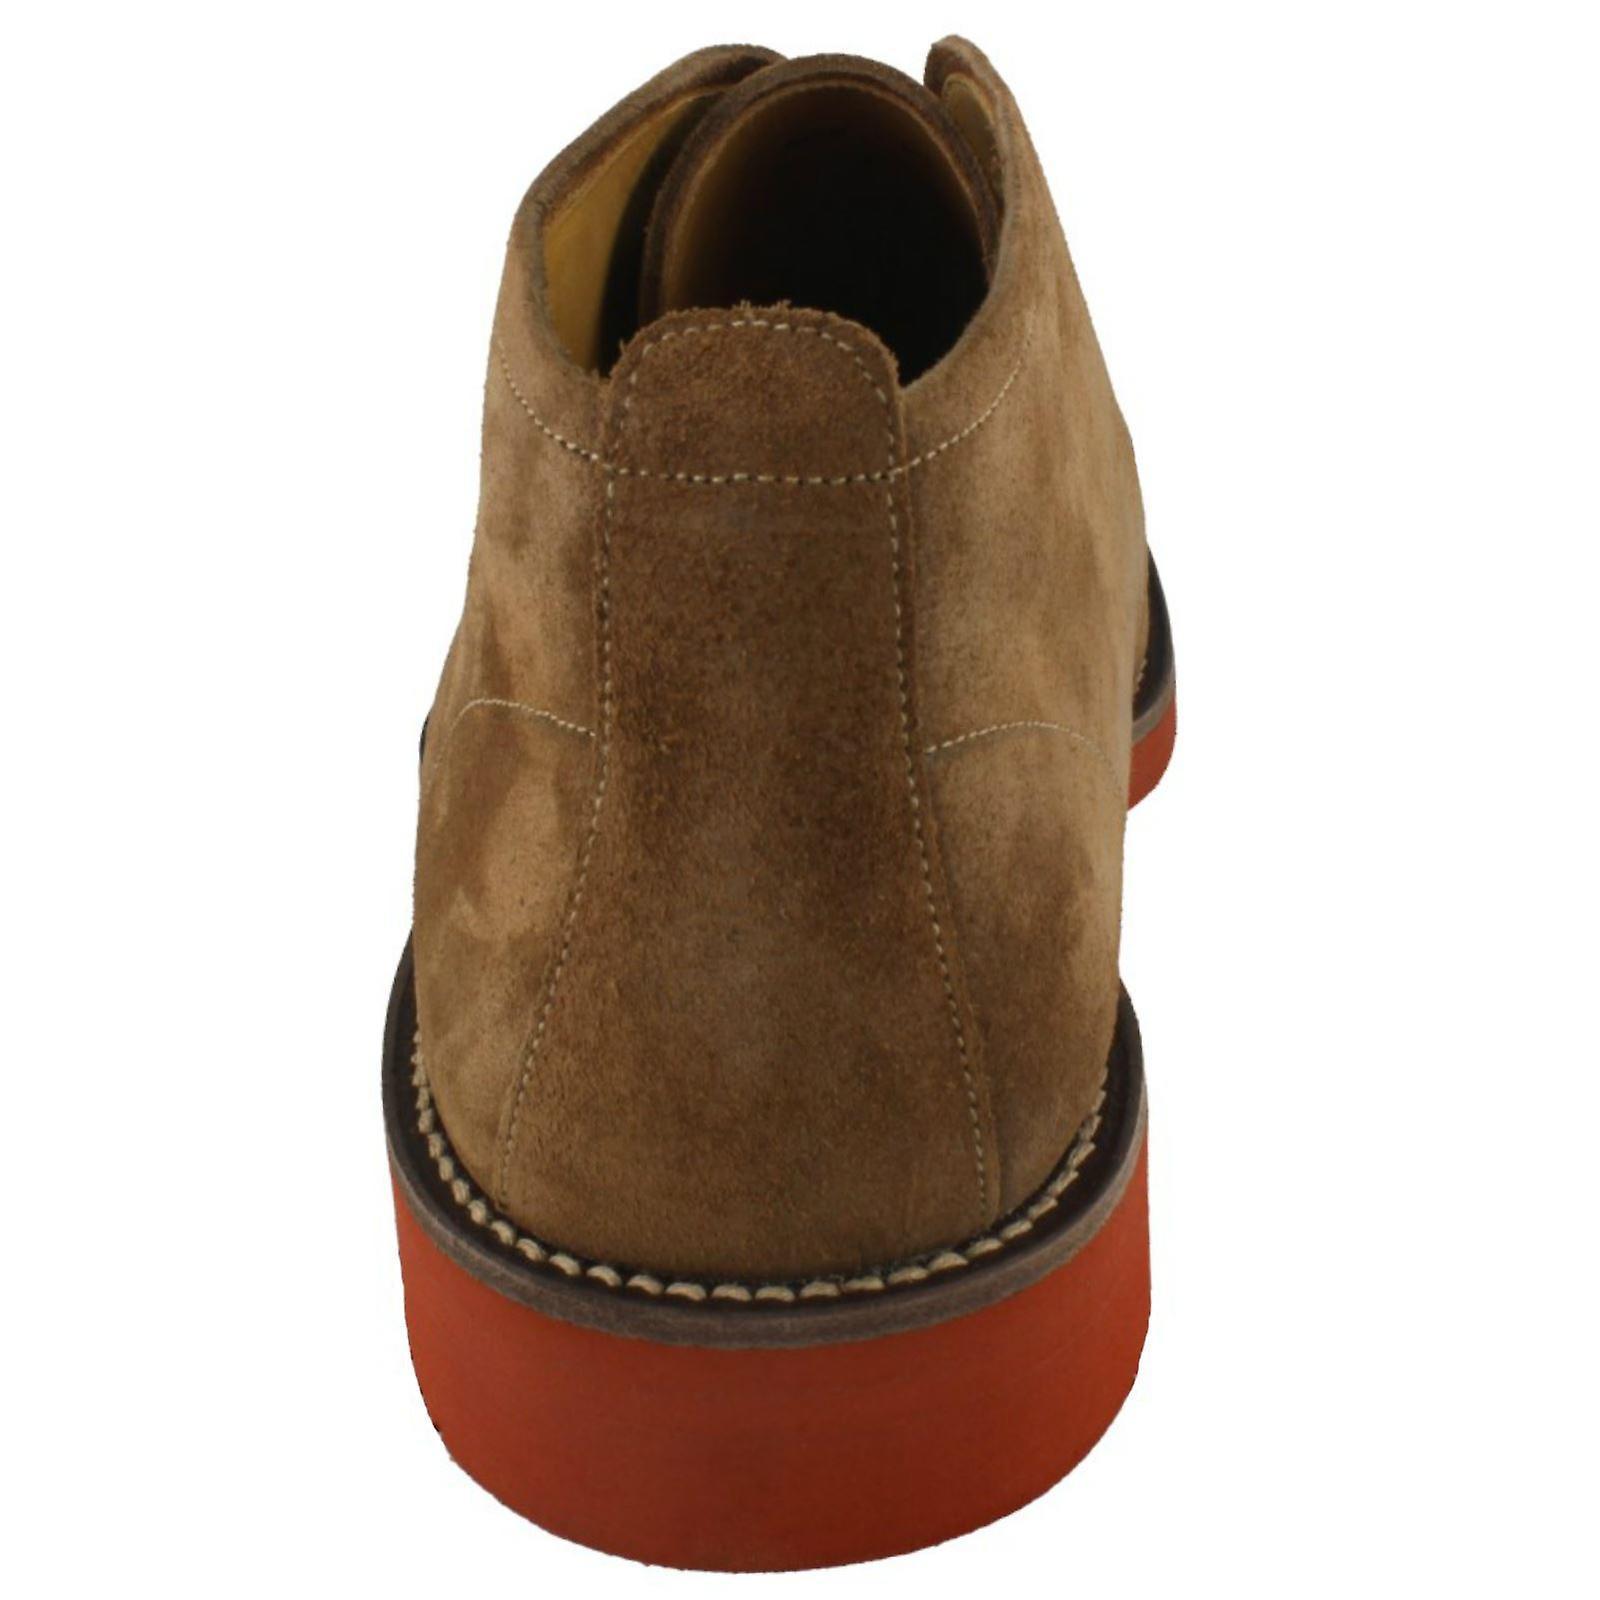 Mens Loake oljet Suede ørken støvler Lennox stil snøre